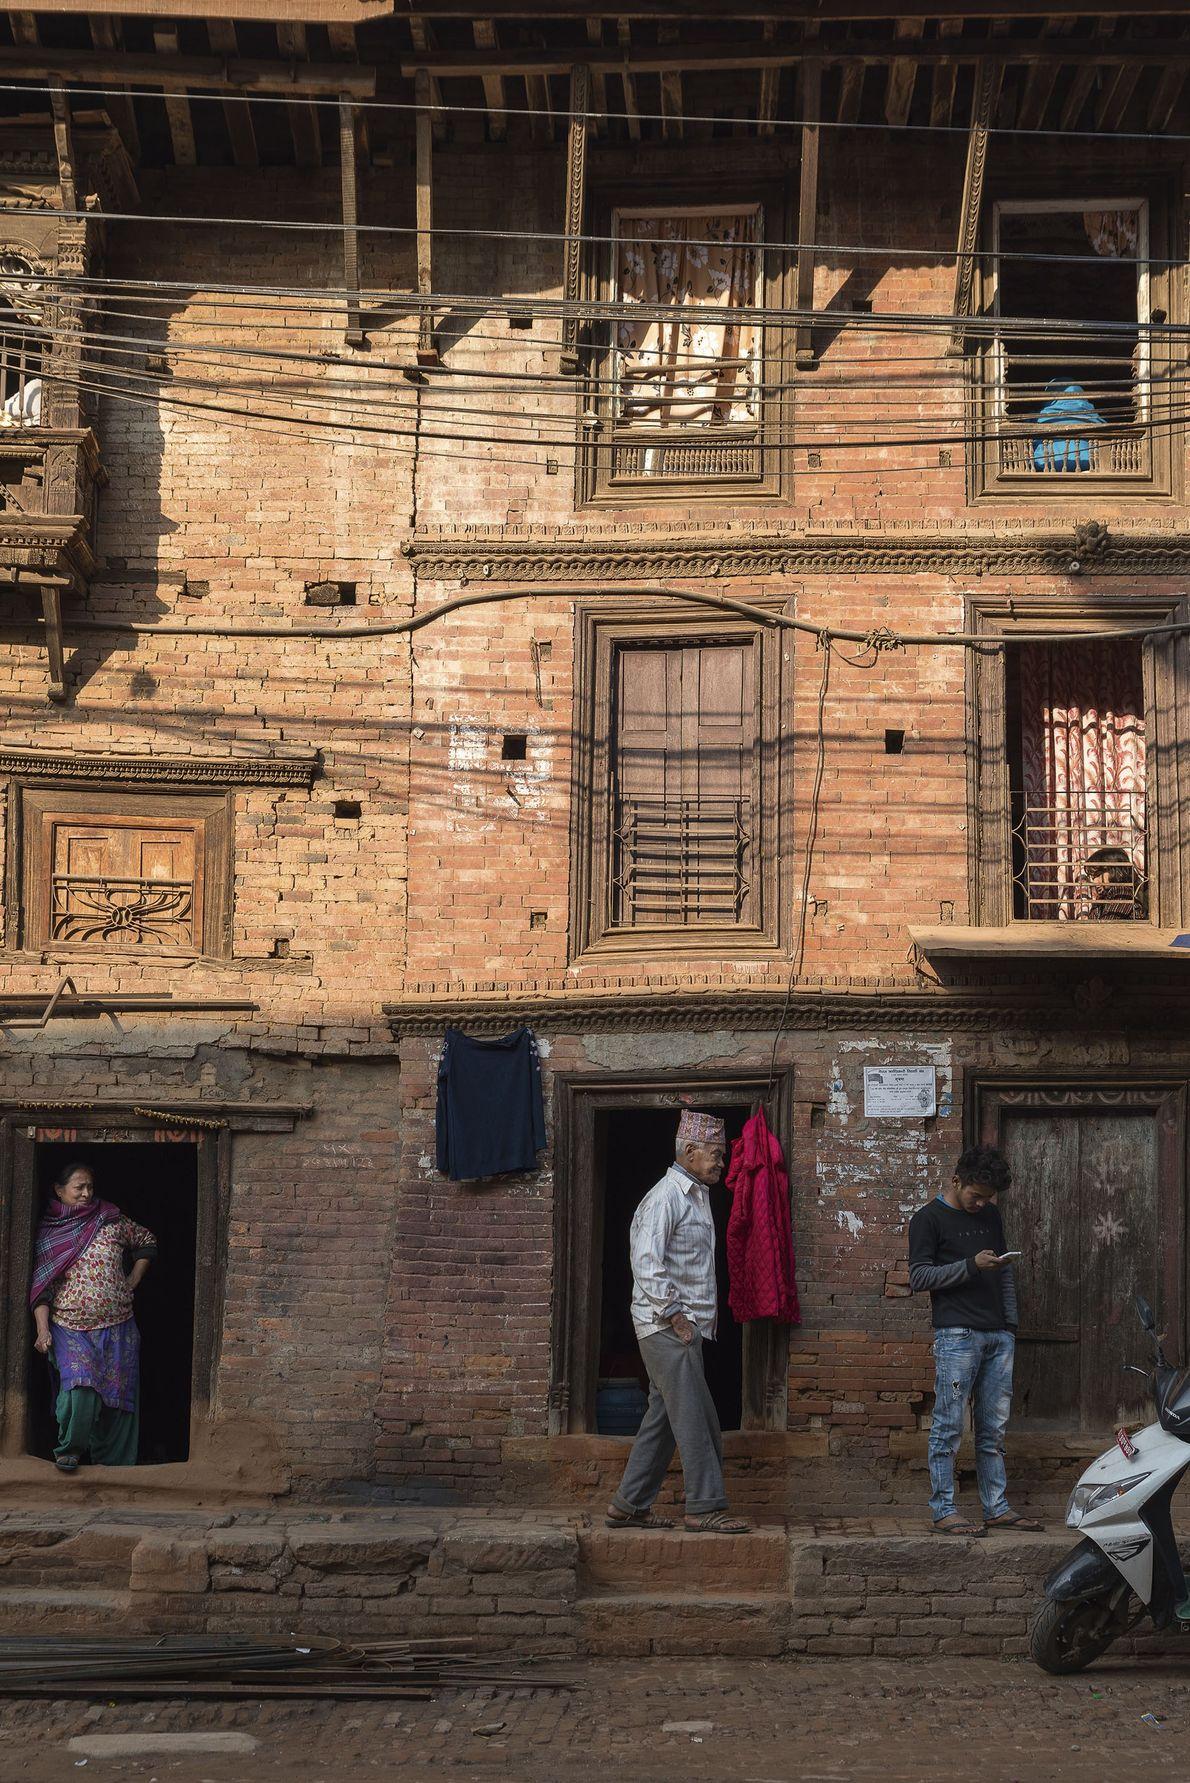 Street scene in Bhaktapur